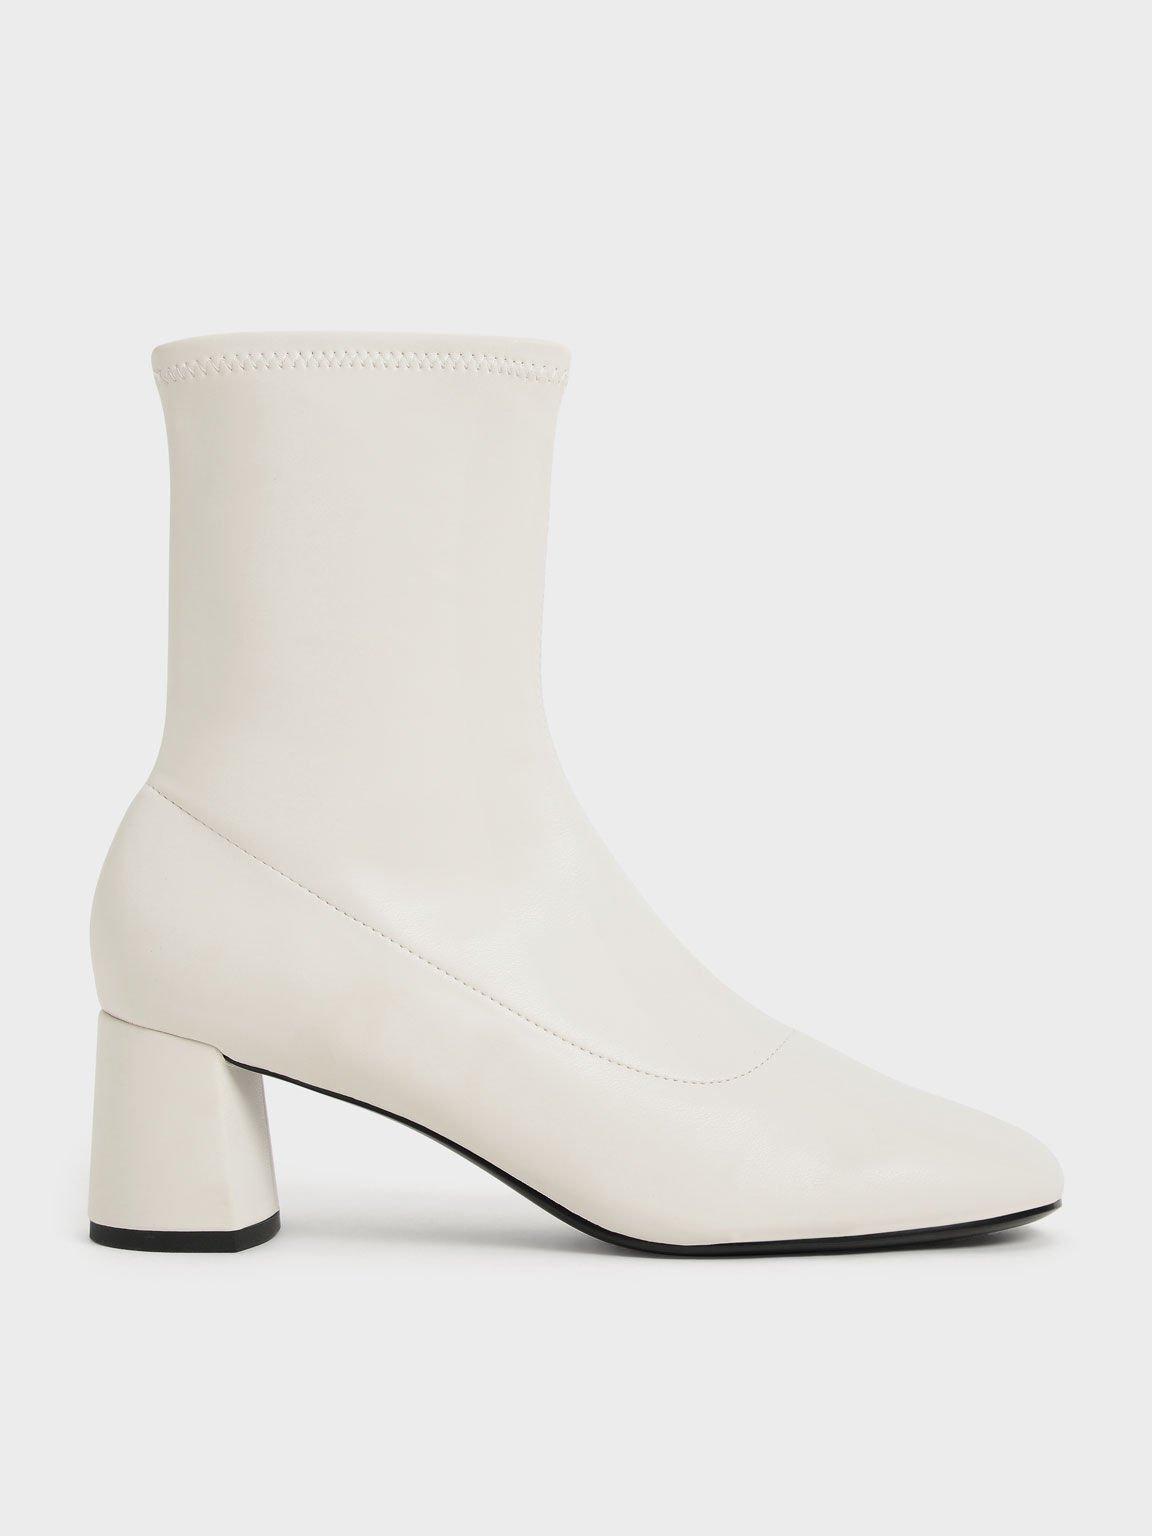 Stitch-Trim Ankle Boots, Chalk, hi-res